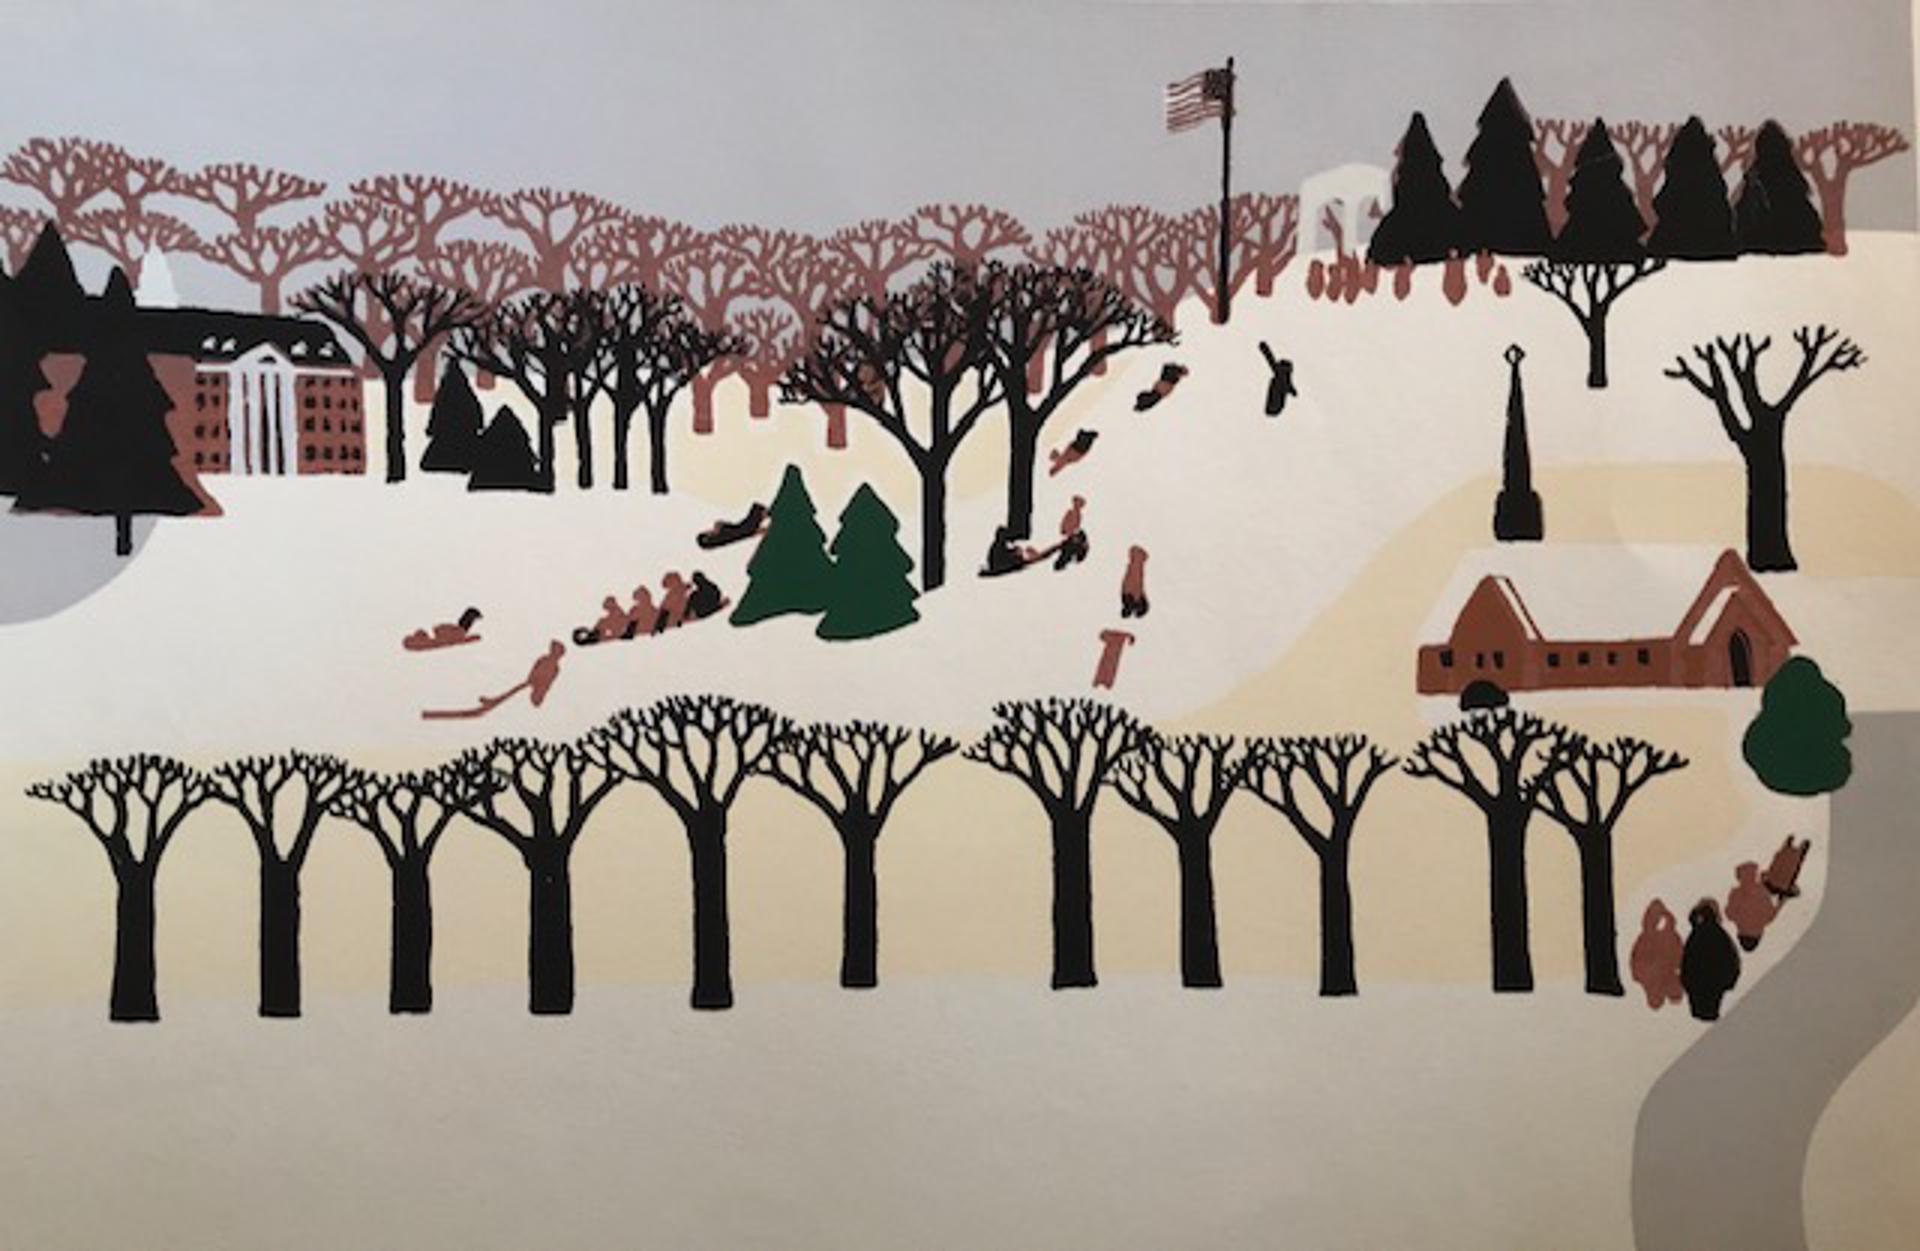 Memorial Park Winter Scene by Judith Welk